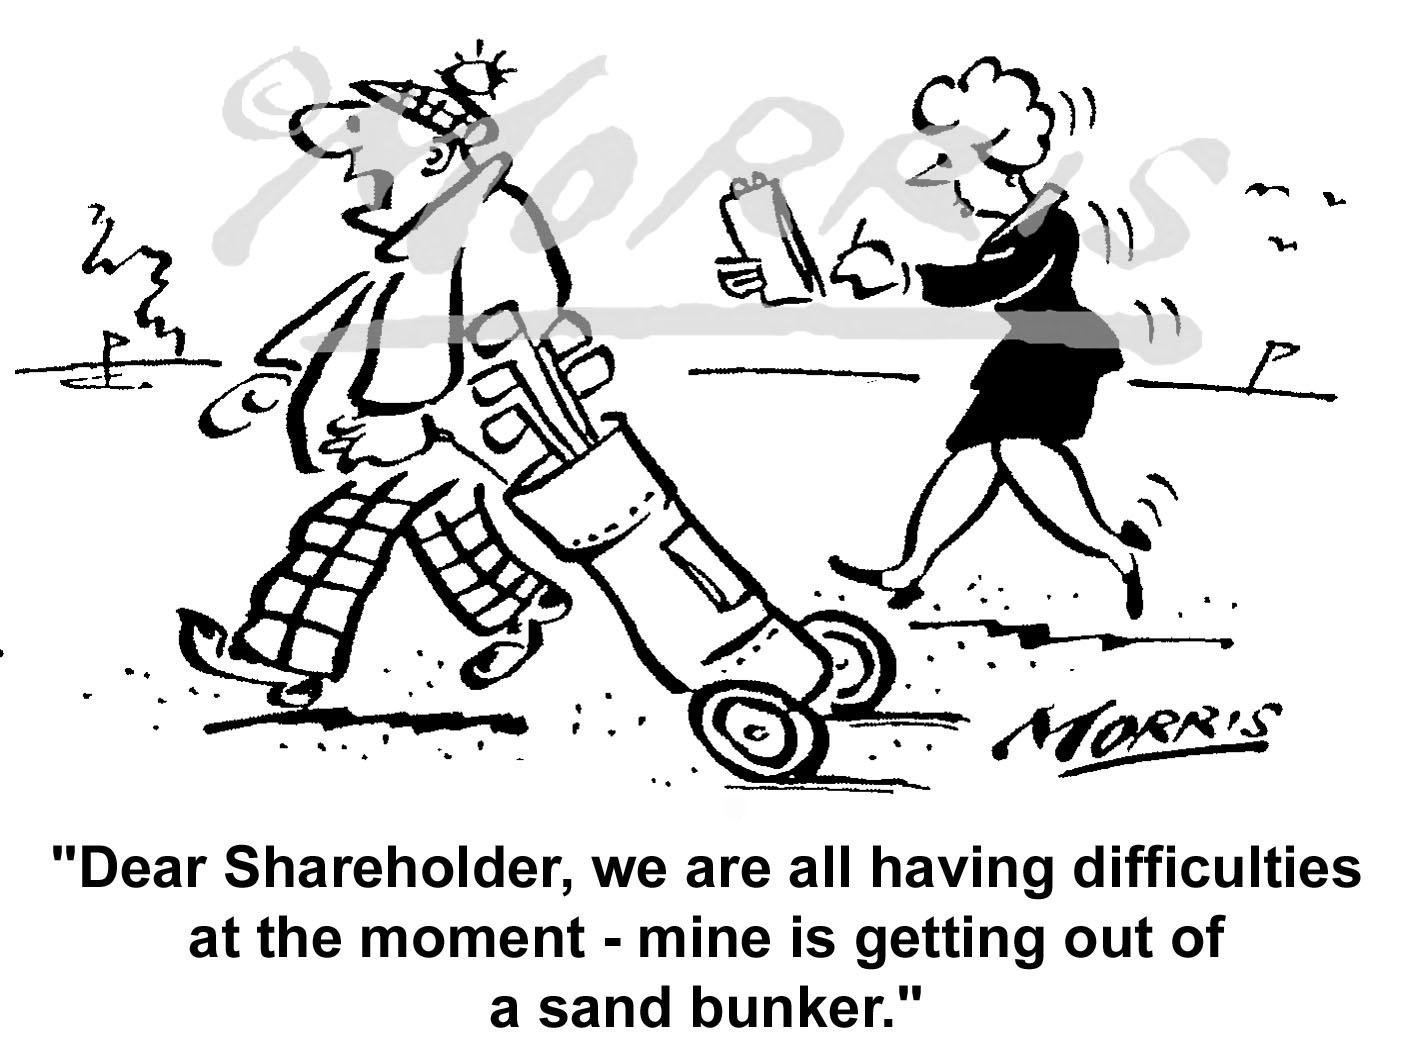 Golf business cartoon, Golfing cartoon, Golf course cartoon – Ref: 6480bw